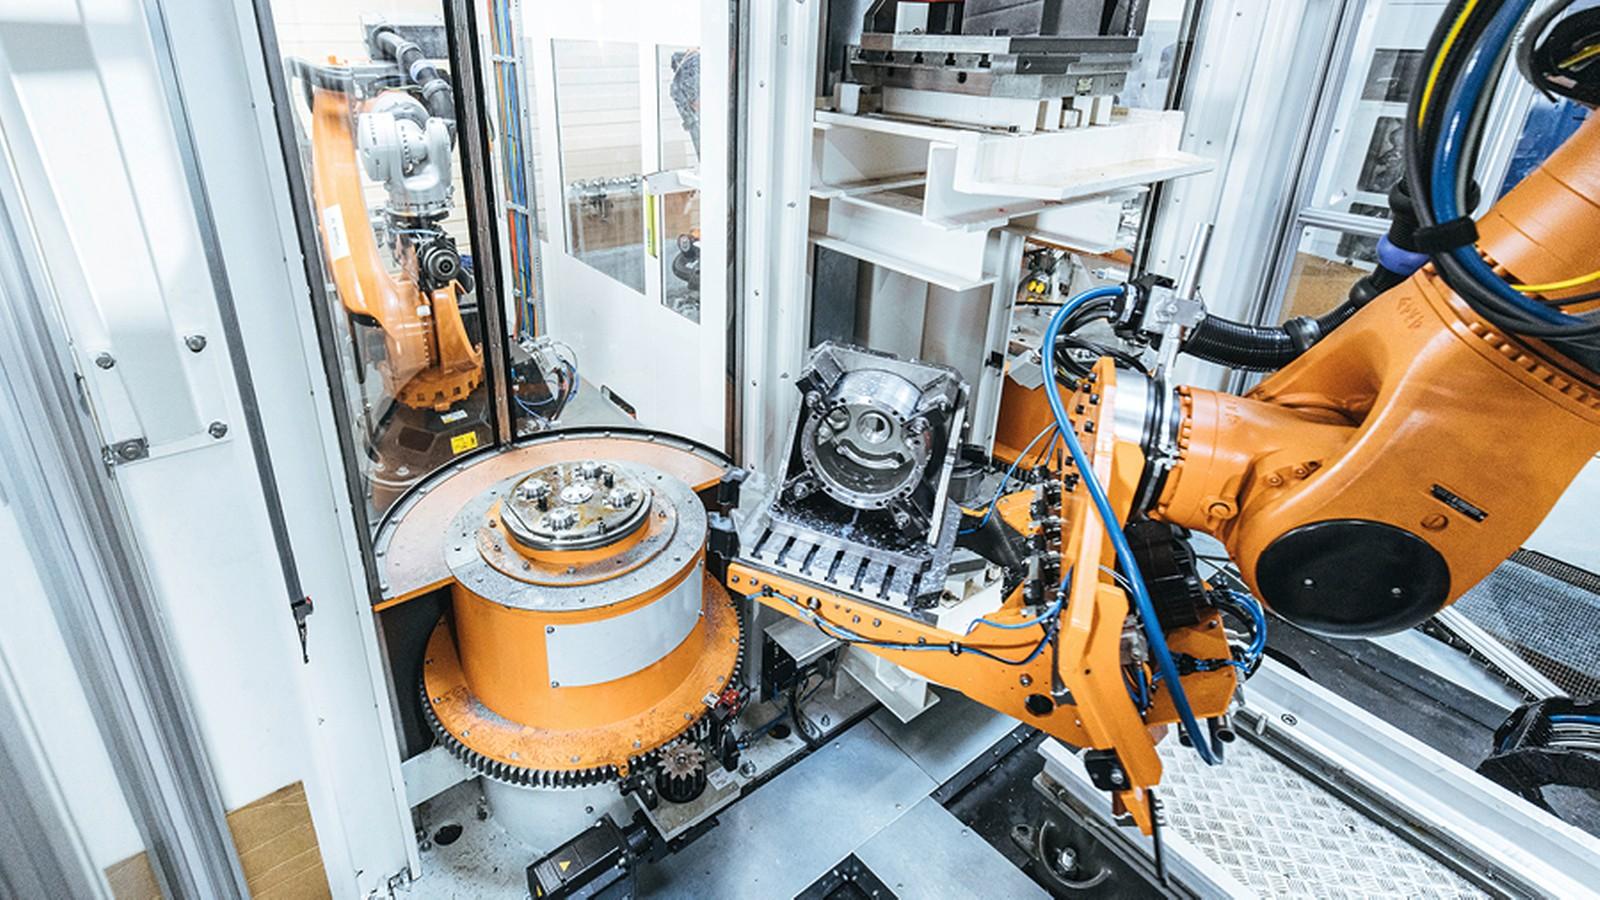 Den automatisierten Materialtransport von der Werkzeugmaschine zur Nacharbeitszelle, wo die bearbeiteten Metallteile gefinisht werden, übernimmt der Kuka Roboter.